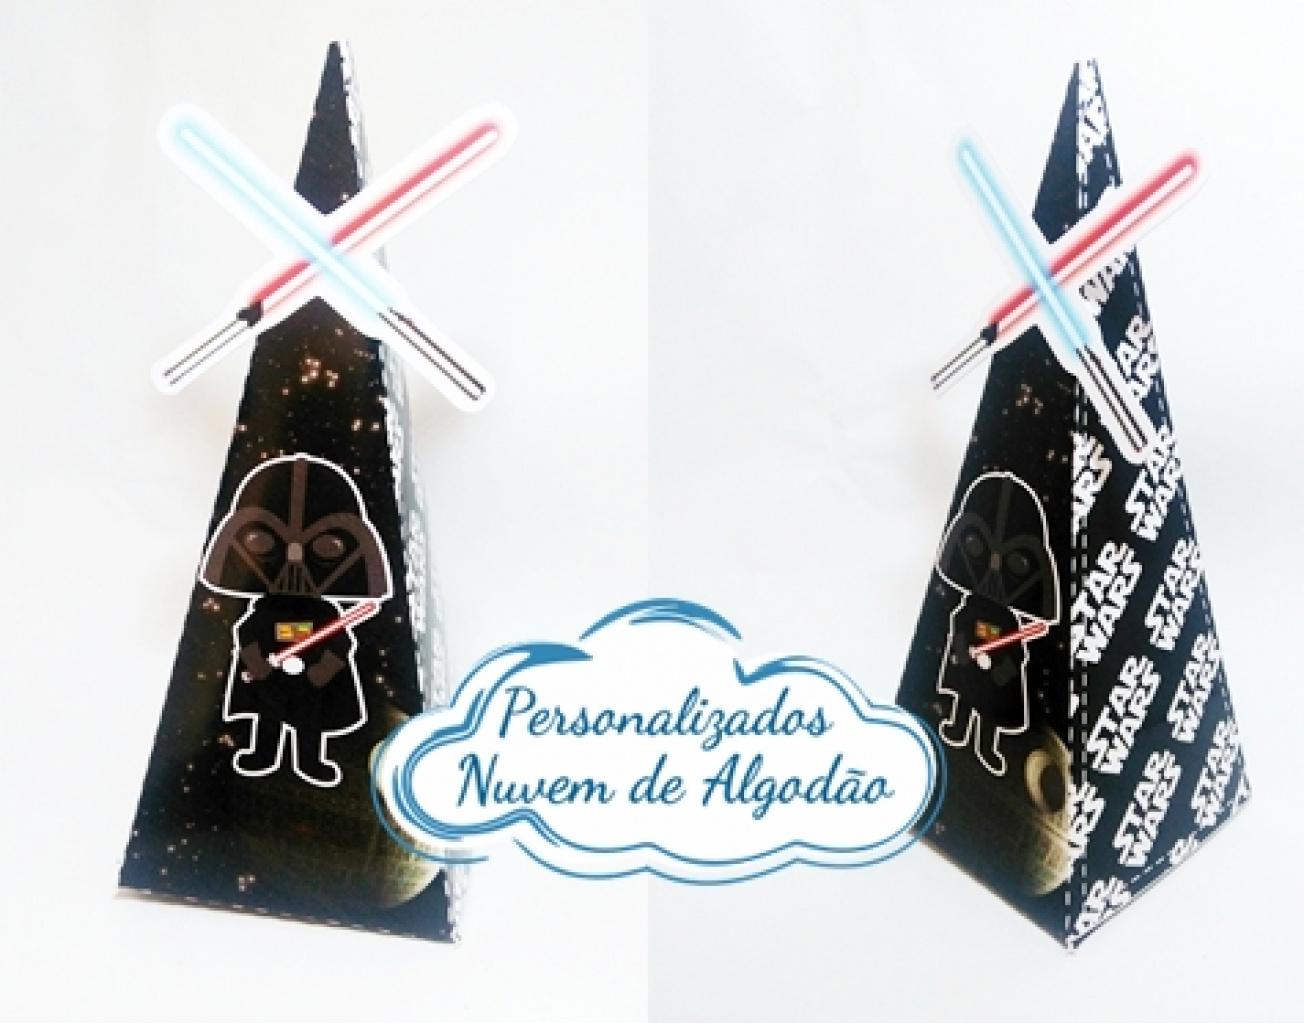 Nuvem de algodão personalizados - Caixa pirâmide Star Wars